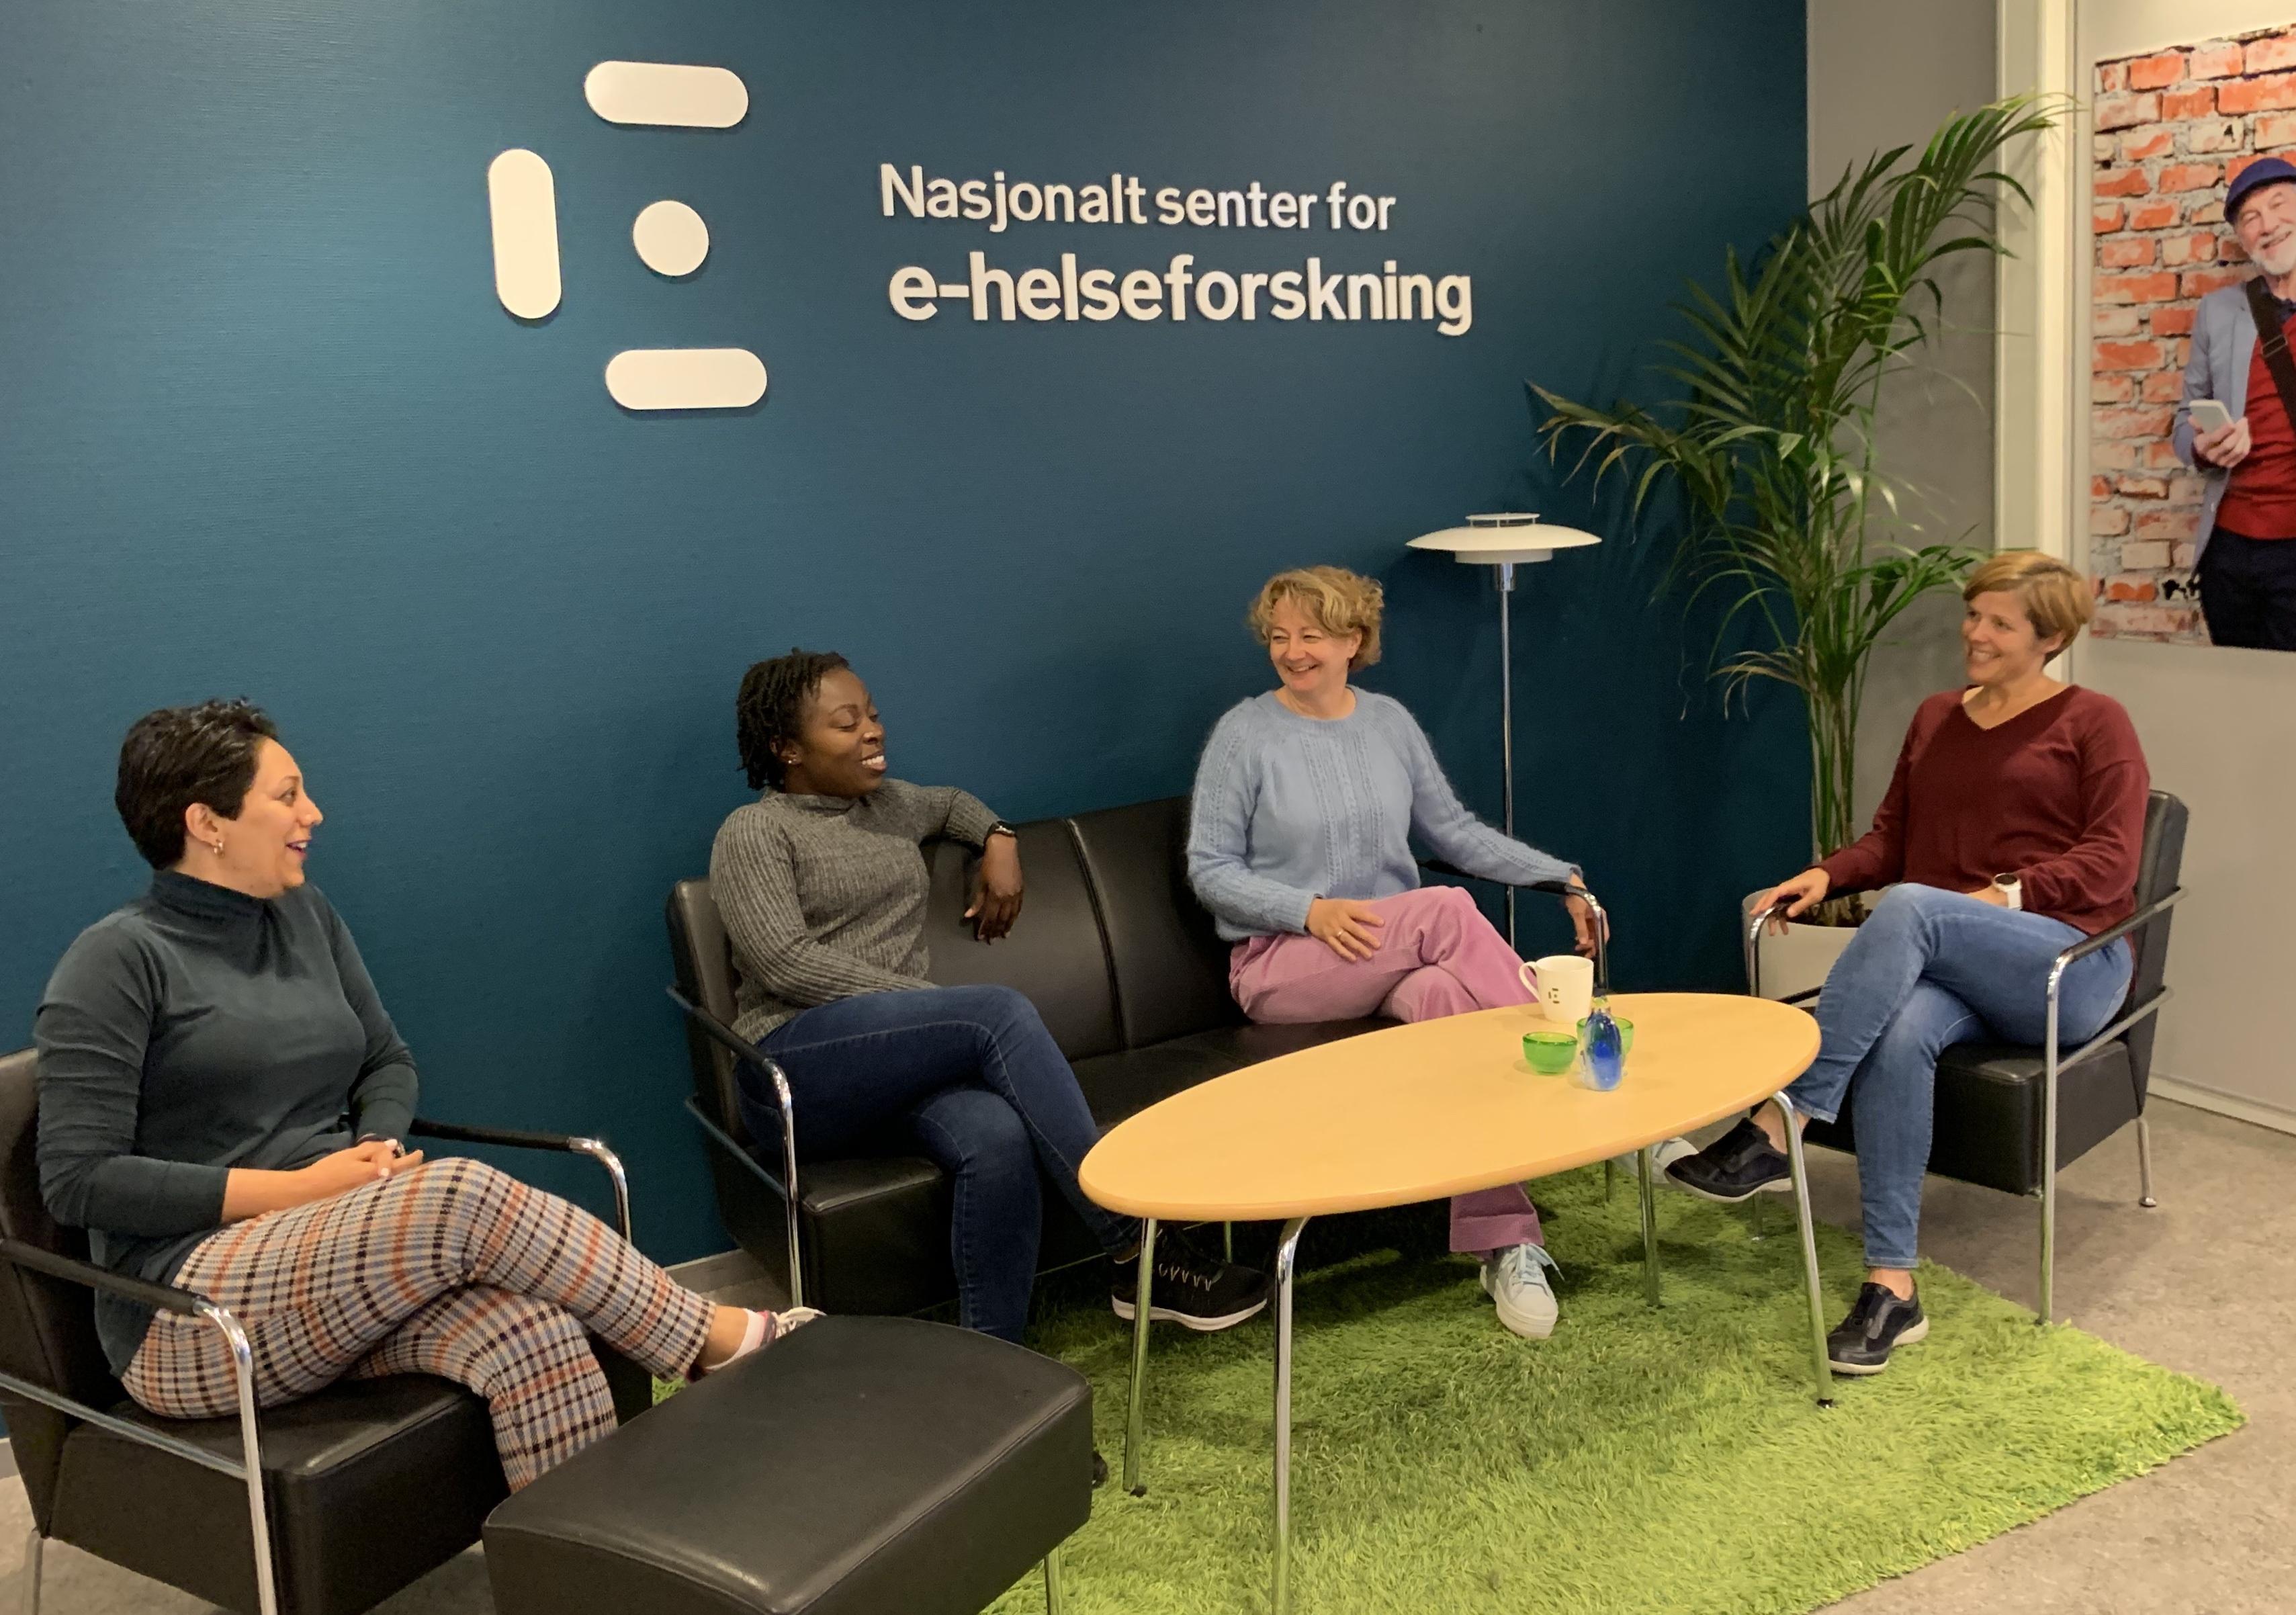 Nasjonalt senter for e-helseforskning holder til i forskningsparken i Tromsø. Her er forsker Maryam Tayefi, stipendiat Dillys Larbi, avdelingsleder Anne Torill Nordsletta og forsker Unn Sollid Manskow. Foto: E-helseforskning